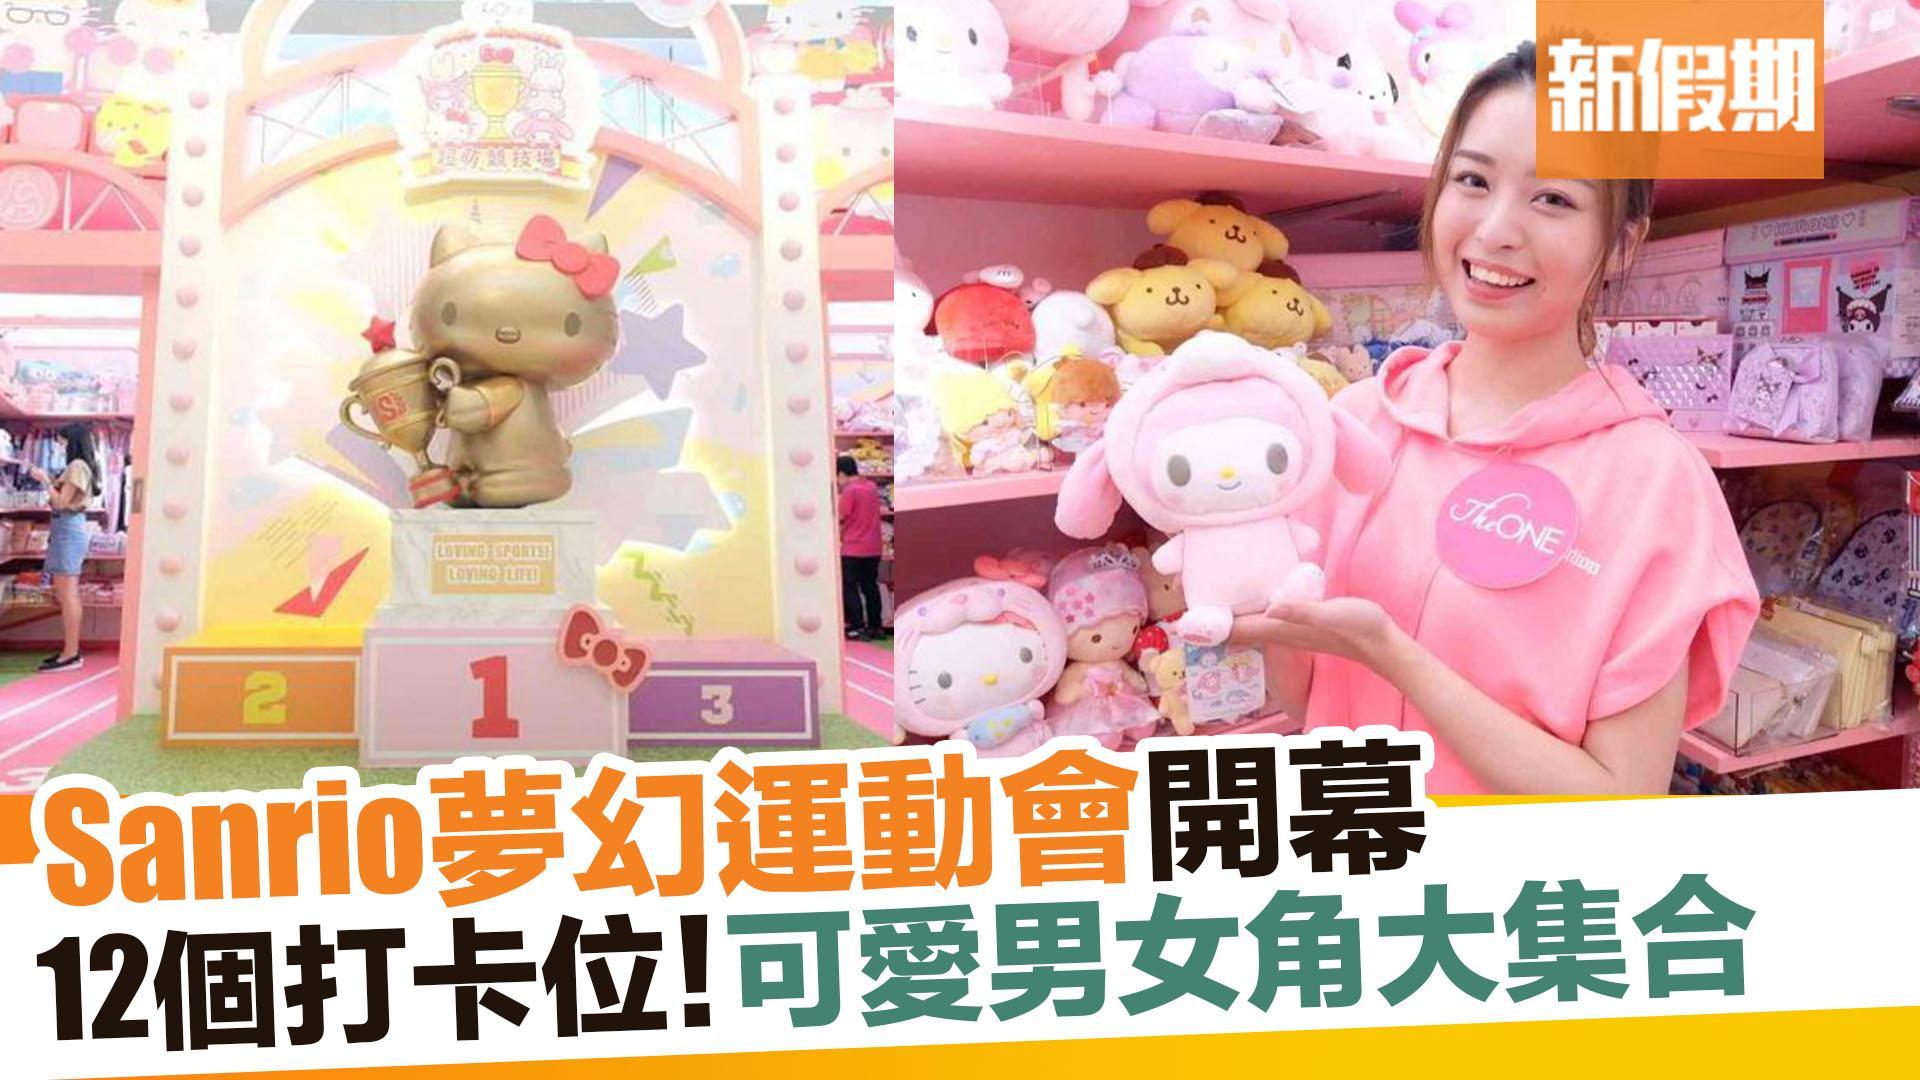 【香港好去處】尖沙咀The ONE開Sanrio夢幻派對 9大影相位! 新假期